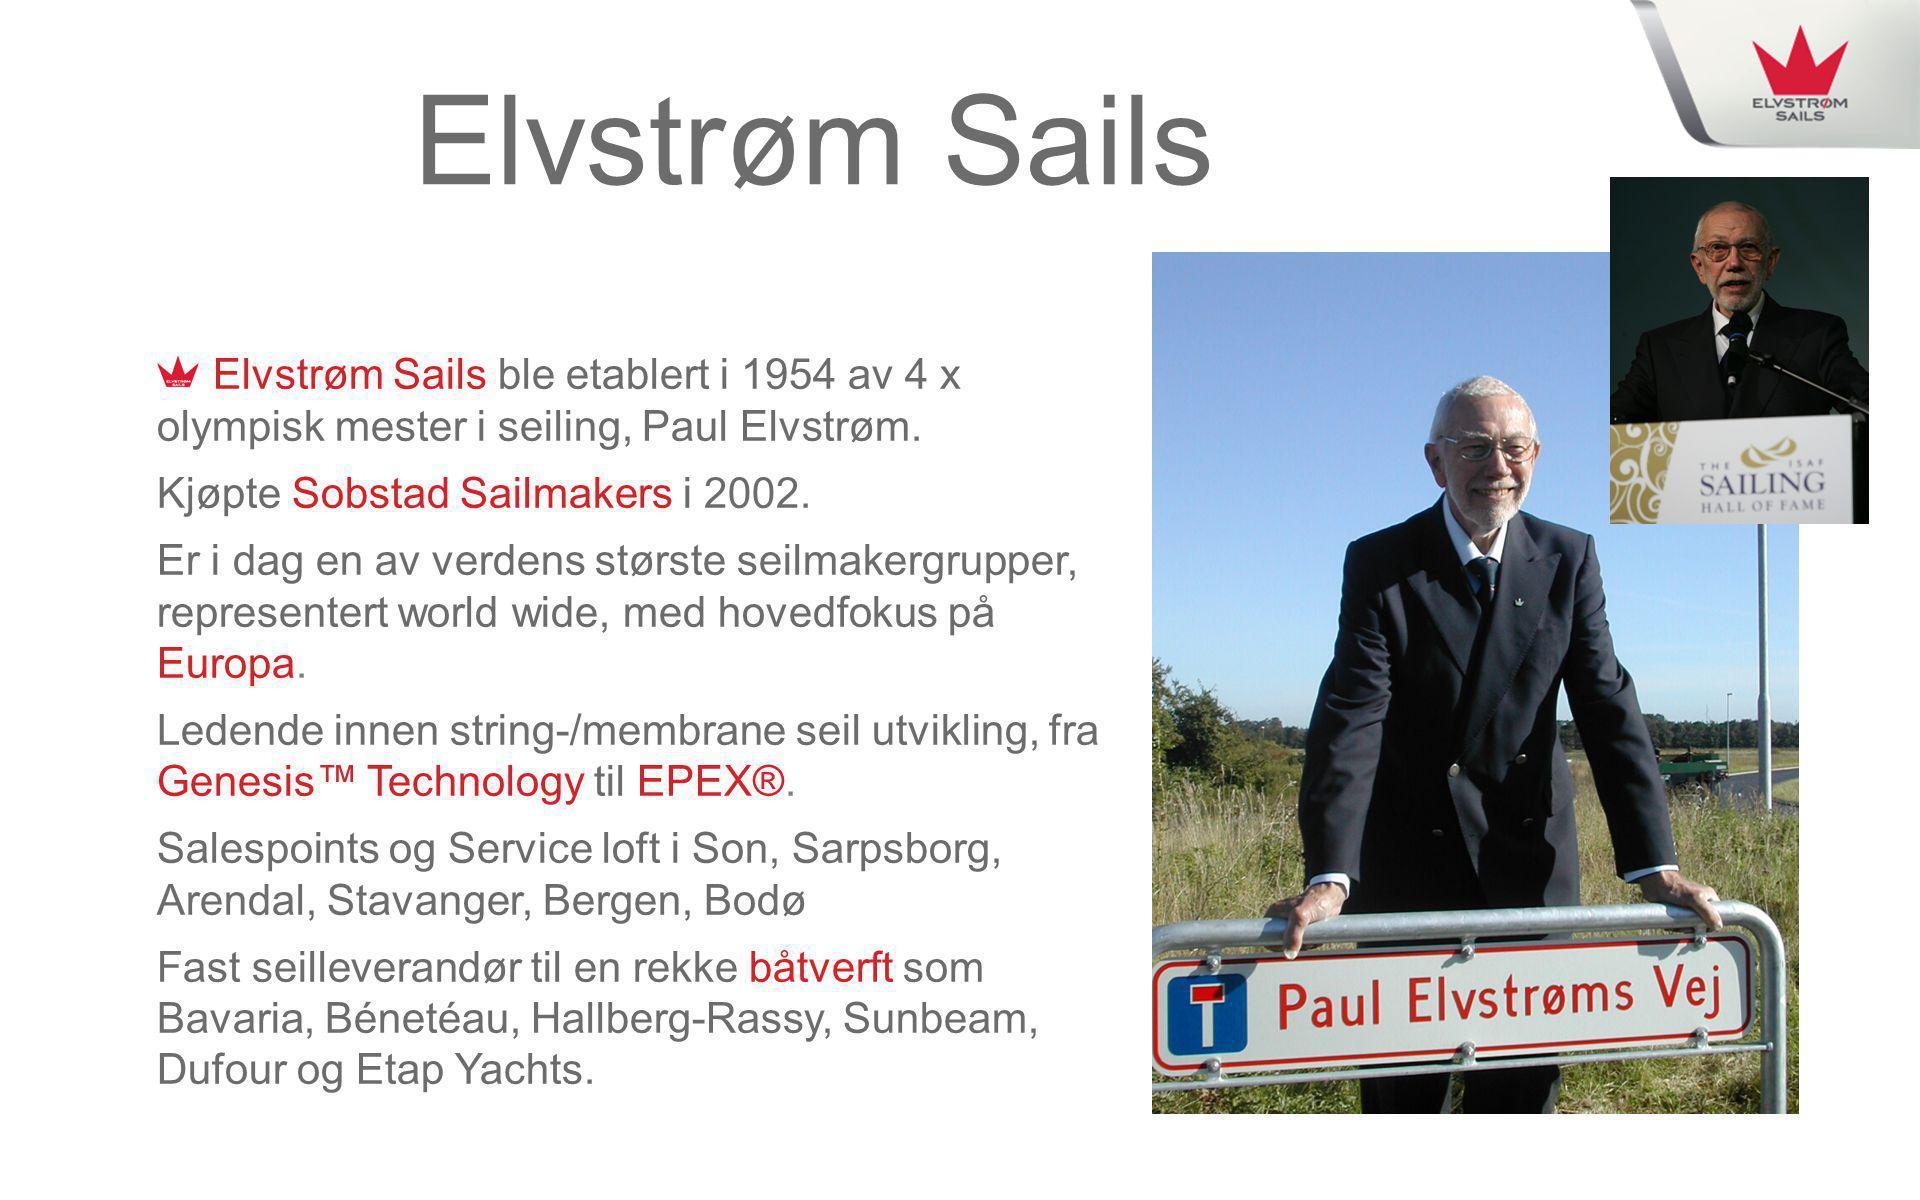 Elvstrøm Sails Elvstrøm Sails ble etablert i 1954 av 4 x olympisk mester i seiling, Paul Elvstrøm. Kjøpte Sobstad Sailmakers i 2002. Er i dag en av ve